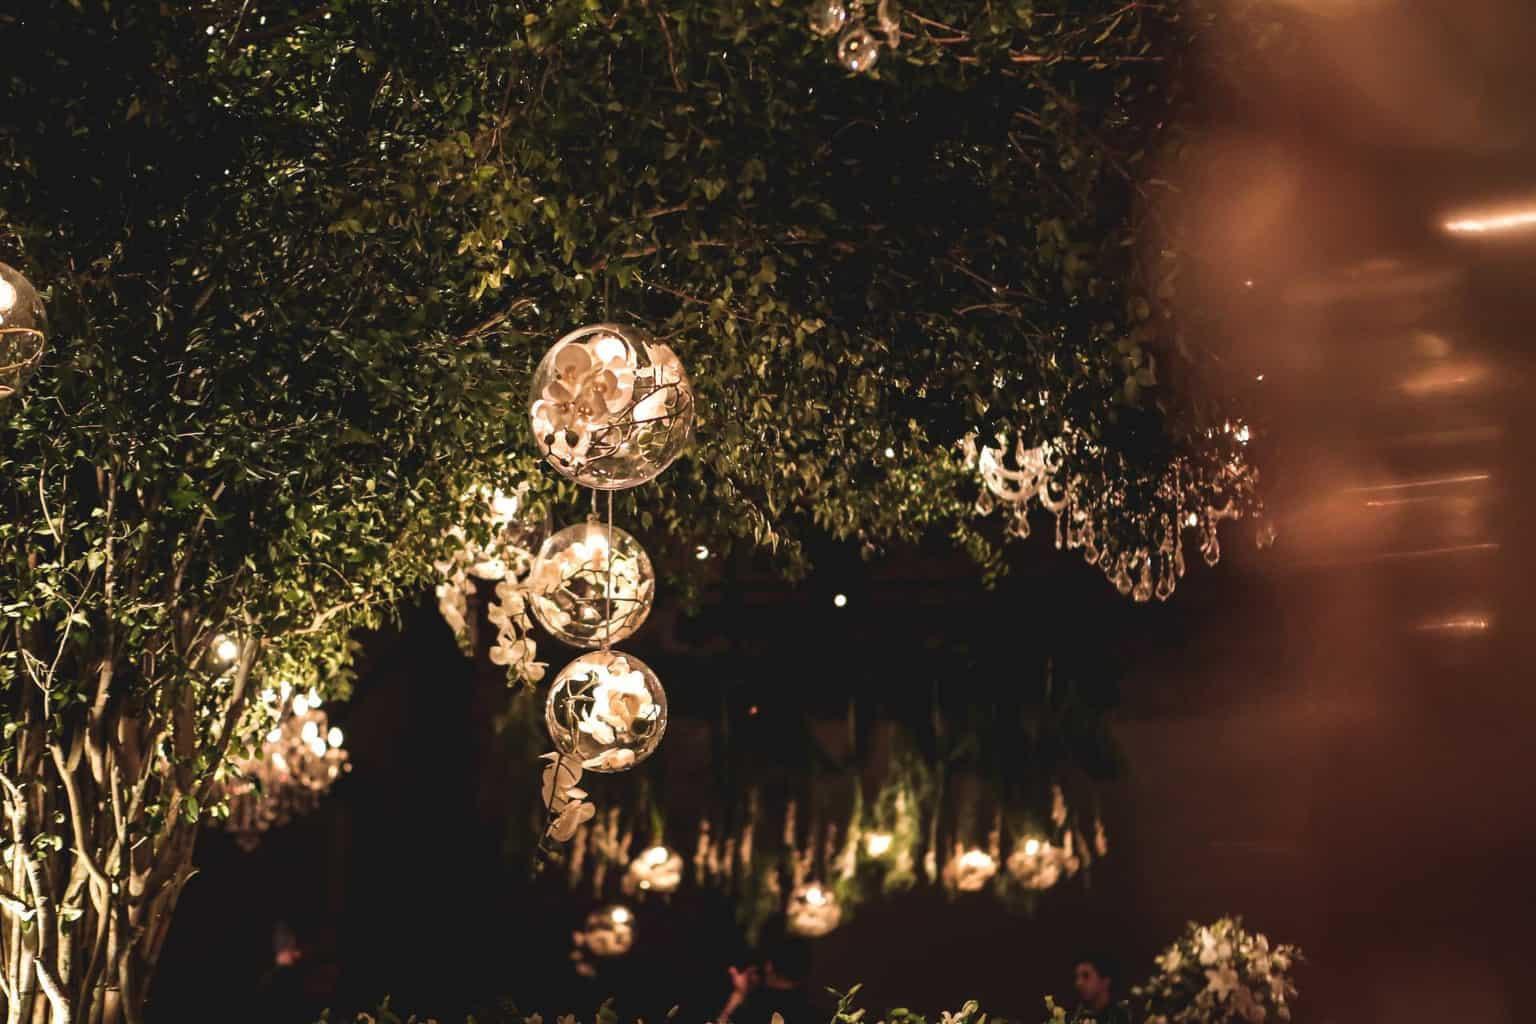 casamento-Juliana-e-Eduardo-decoracao-da-festa-Fotografia-Ricardo-Nascimento-e-Thereza-magno-Usina-dois-irmãos18